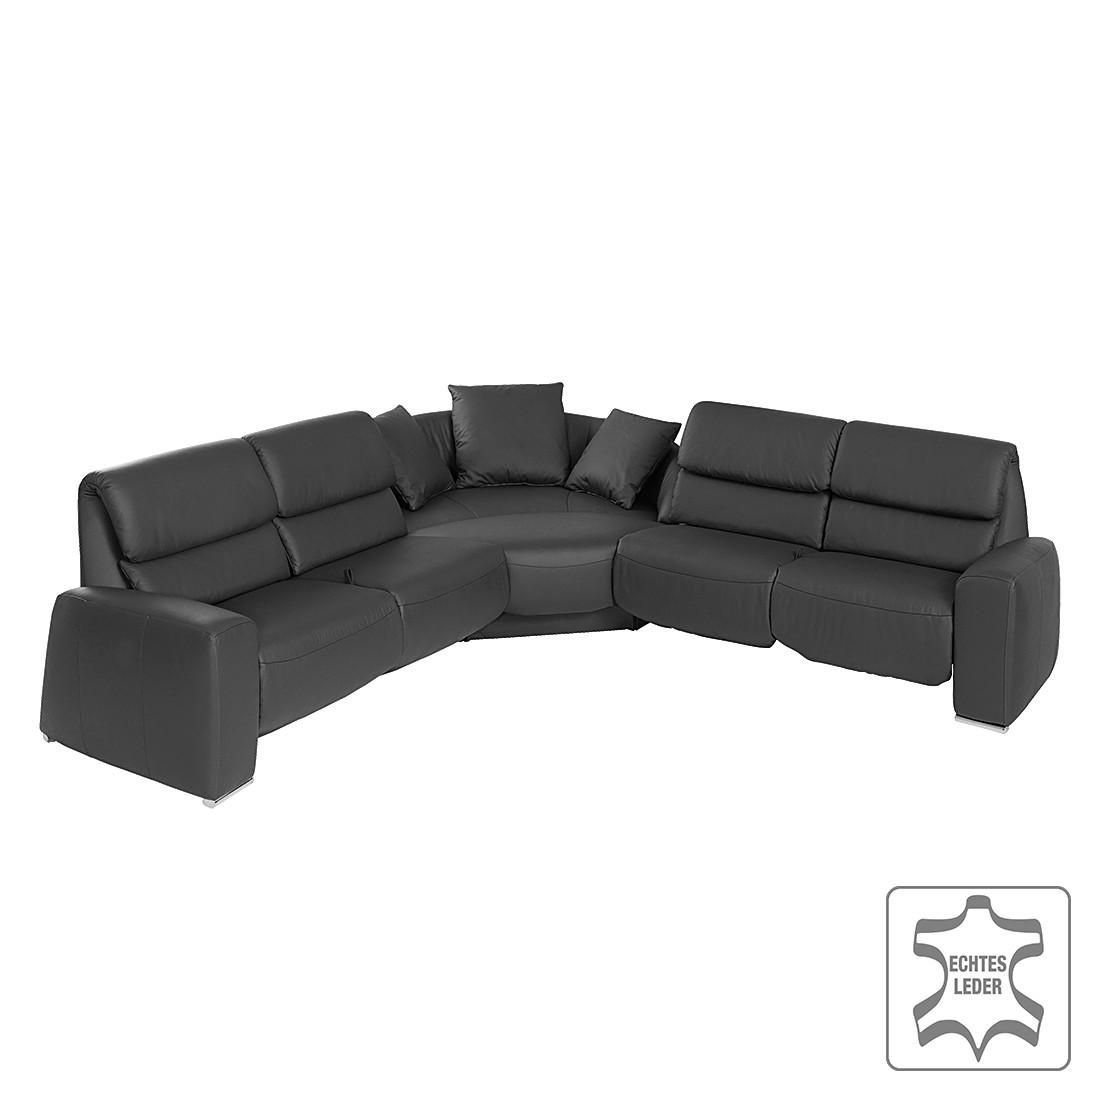 ecksofa leder mit relaxfunktion inspirierendes design f r wohnm bel. Black Bedroom Furniture Sets. Home Design Ideas